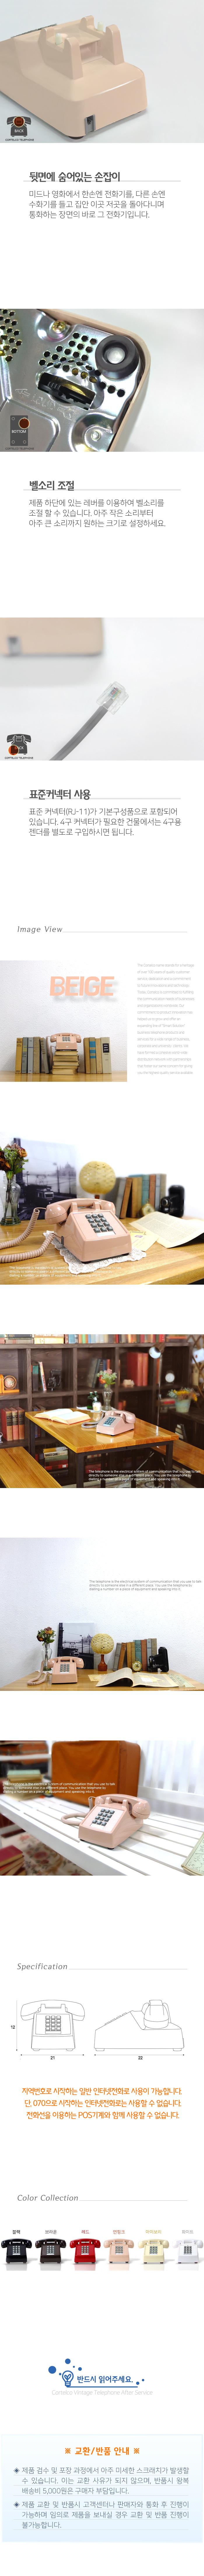 코텔코 Made in USA 빈티지 데스크 유선전화기 연핑크 - 원더스토어, 138,000원, 인테리어전화기, 데스크용